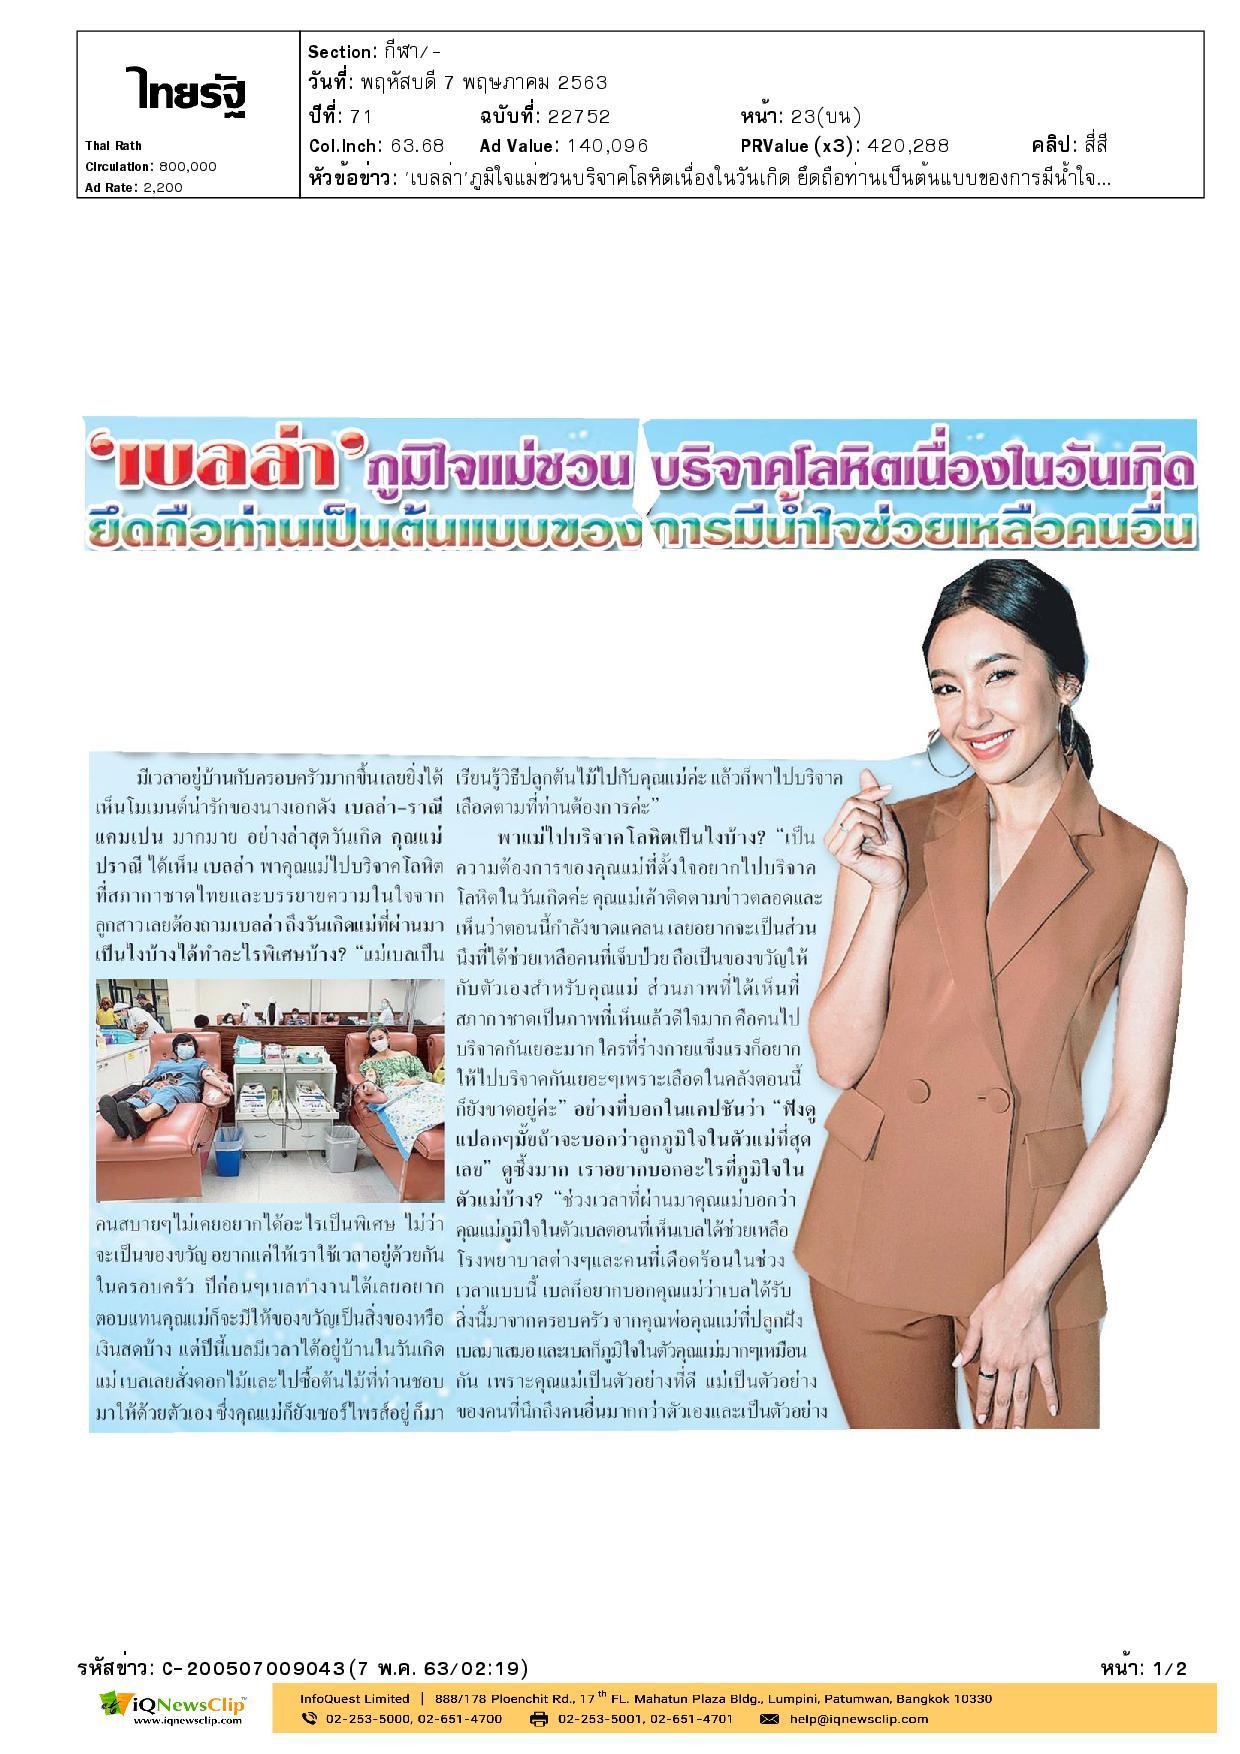 เบลล่า ชวนคุณแม่ไปบริจาคโลหิตที่สภากาชาดไทย